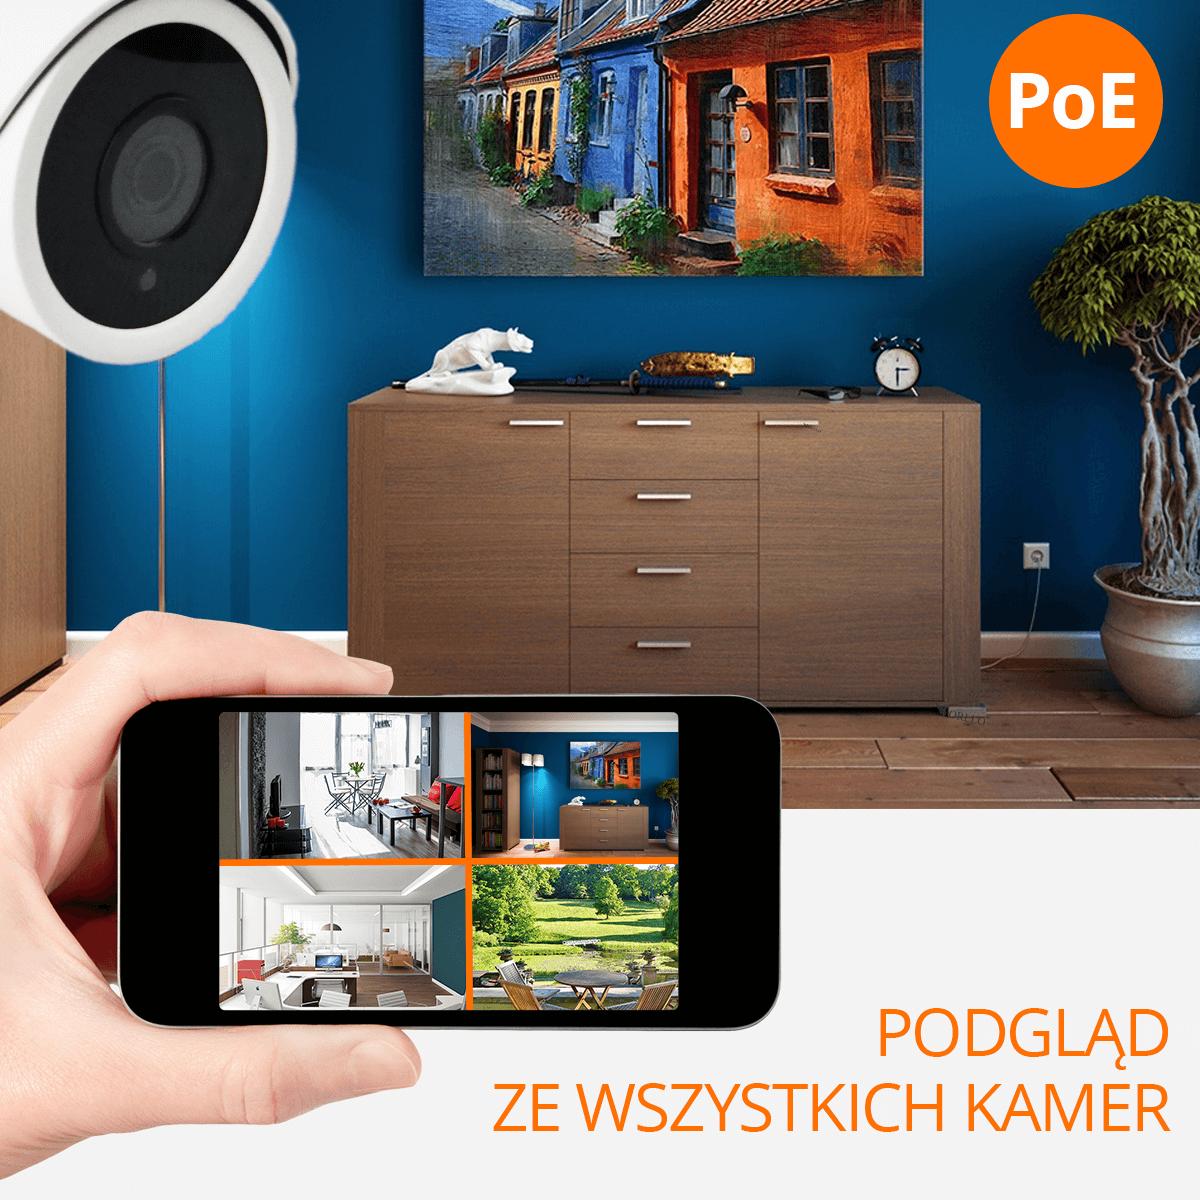 zestaw-kamer-domonitoringu-CAMSET-podgląd-orllo-pl